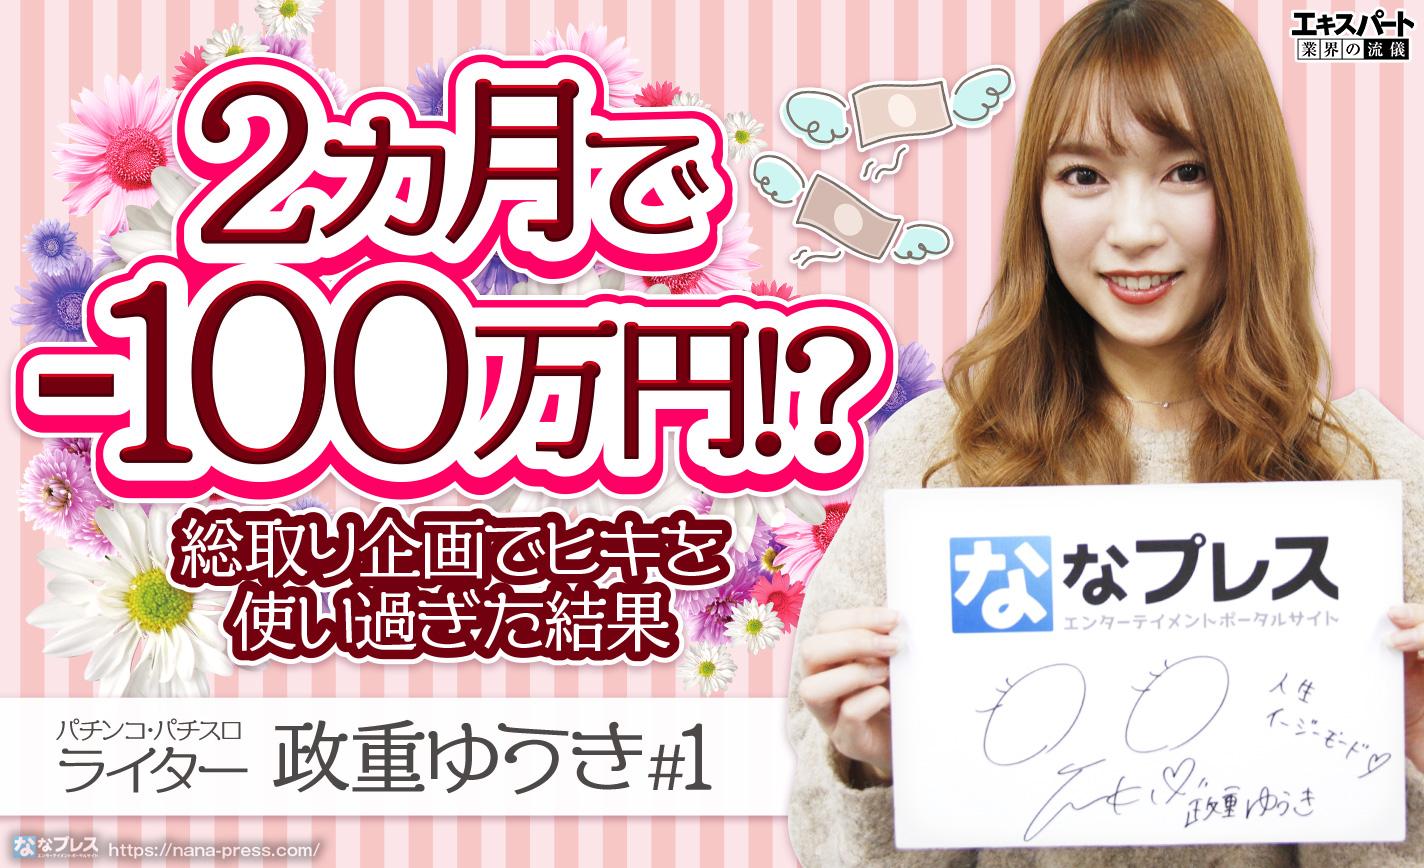 政重ゆうきの豪快エピソード!2ヵ月間の収支がマイナス100万円!? eyecatch-image